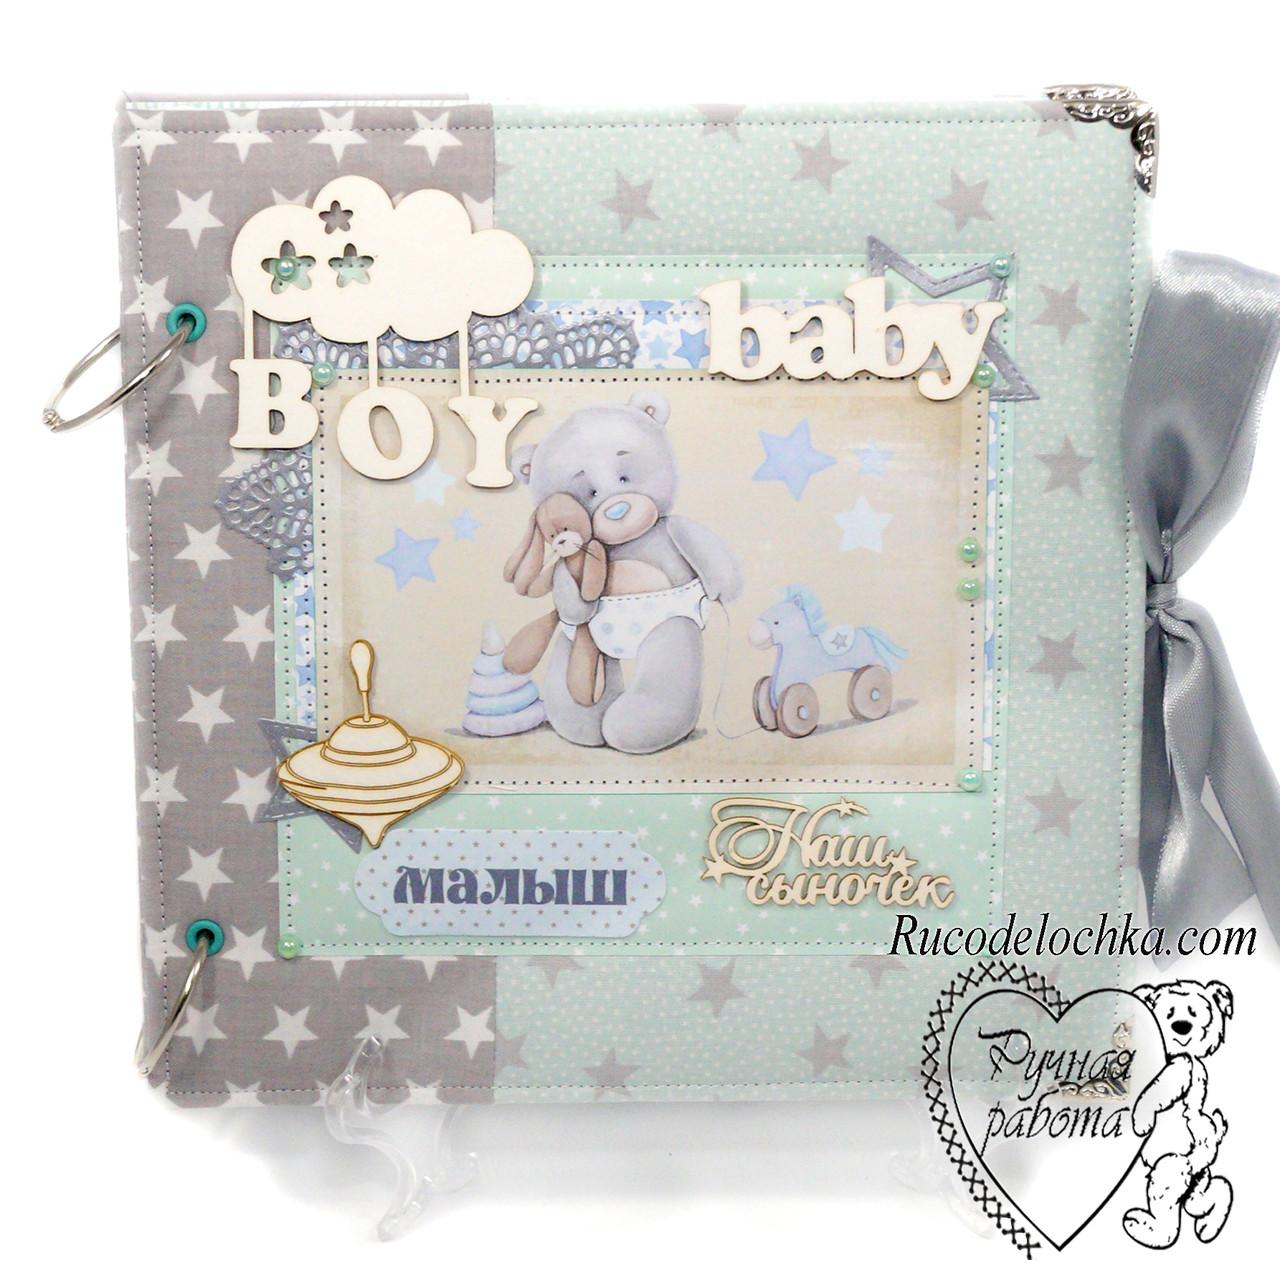 Фотоальбом для хлопчика з дня народження під замовлення ручної роботи, 21 на 21 см